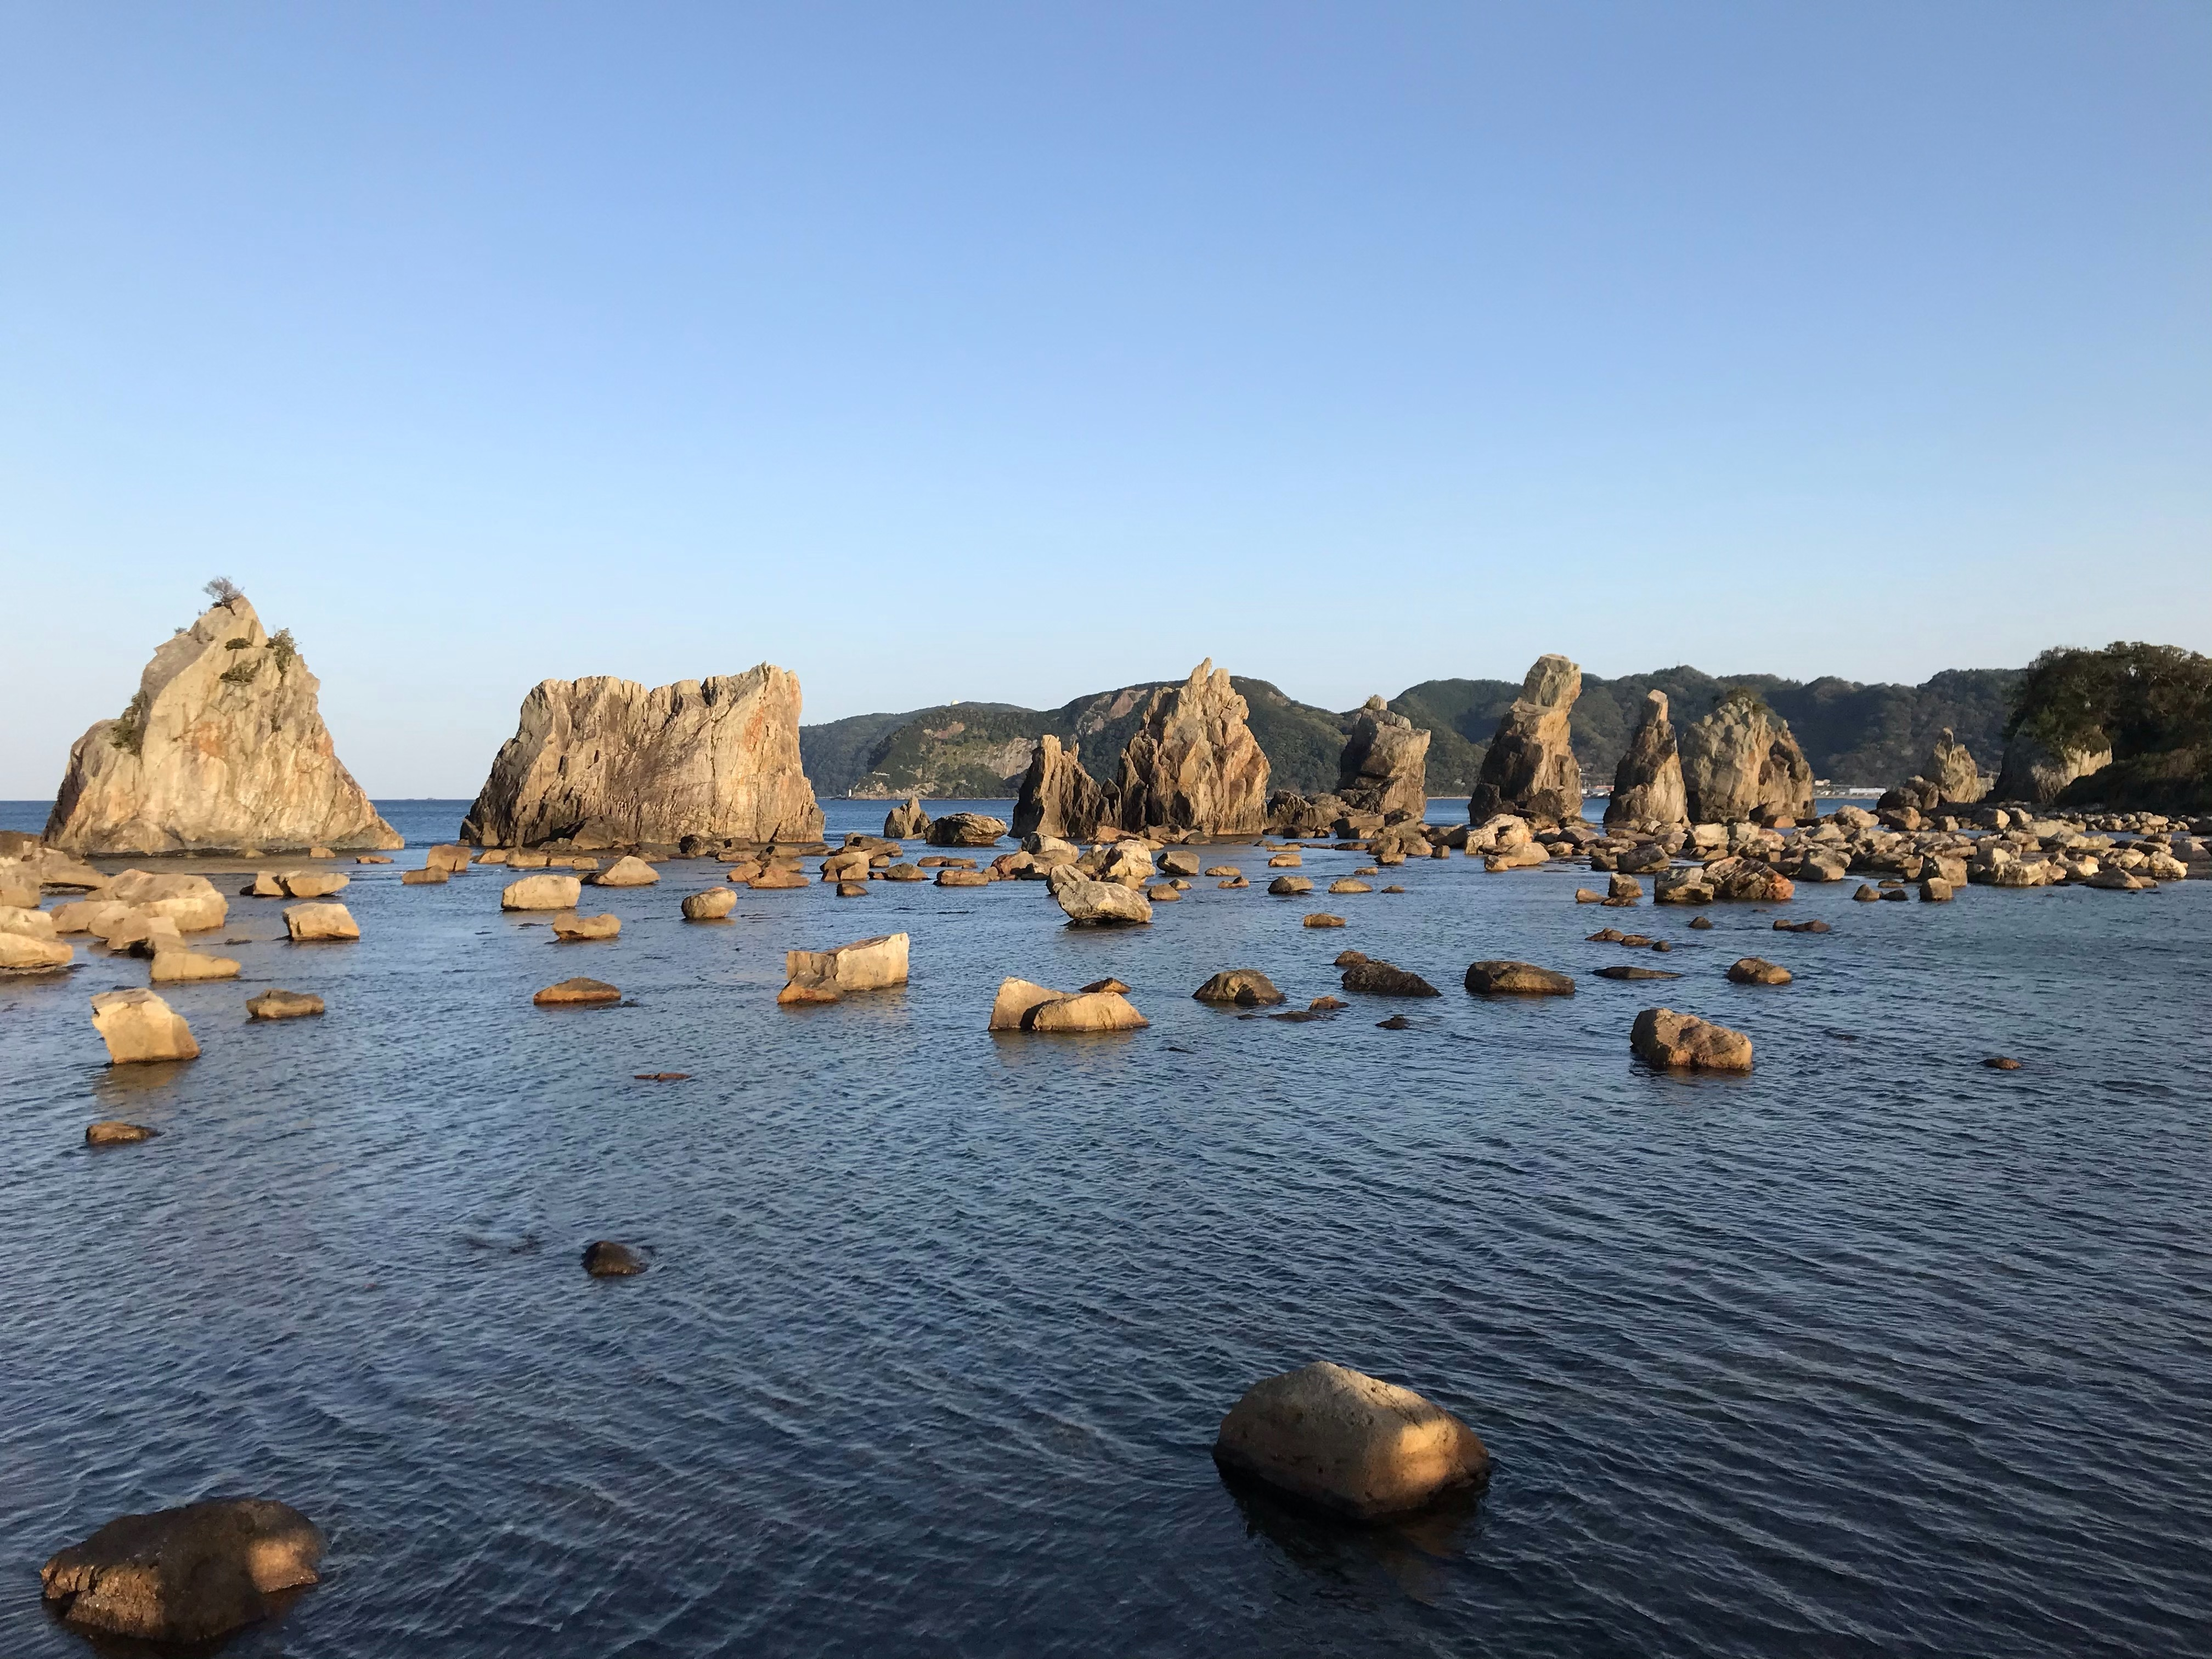 ぴーきち&ダイナ 紀伊半島ツーリング 和歌山県 串本町 橋杭岩 全景